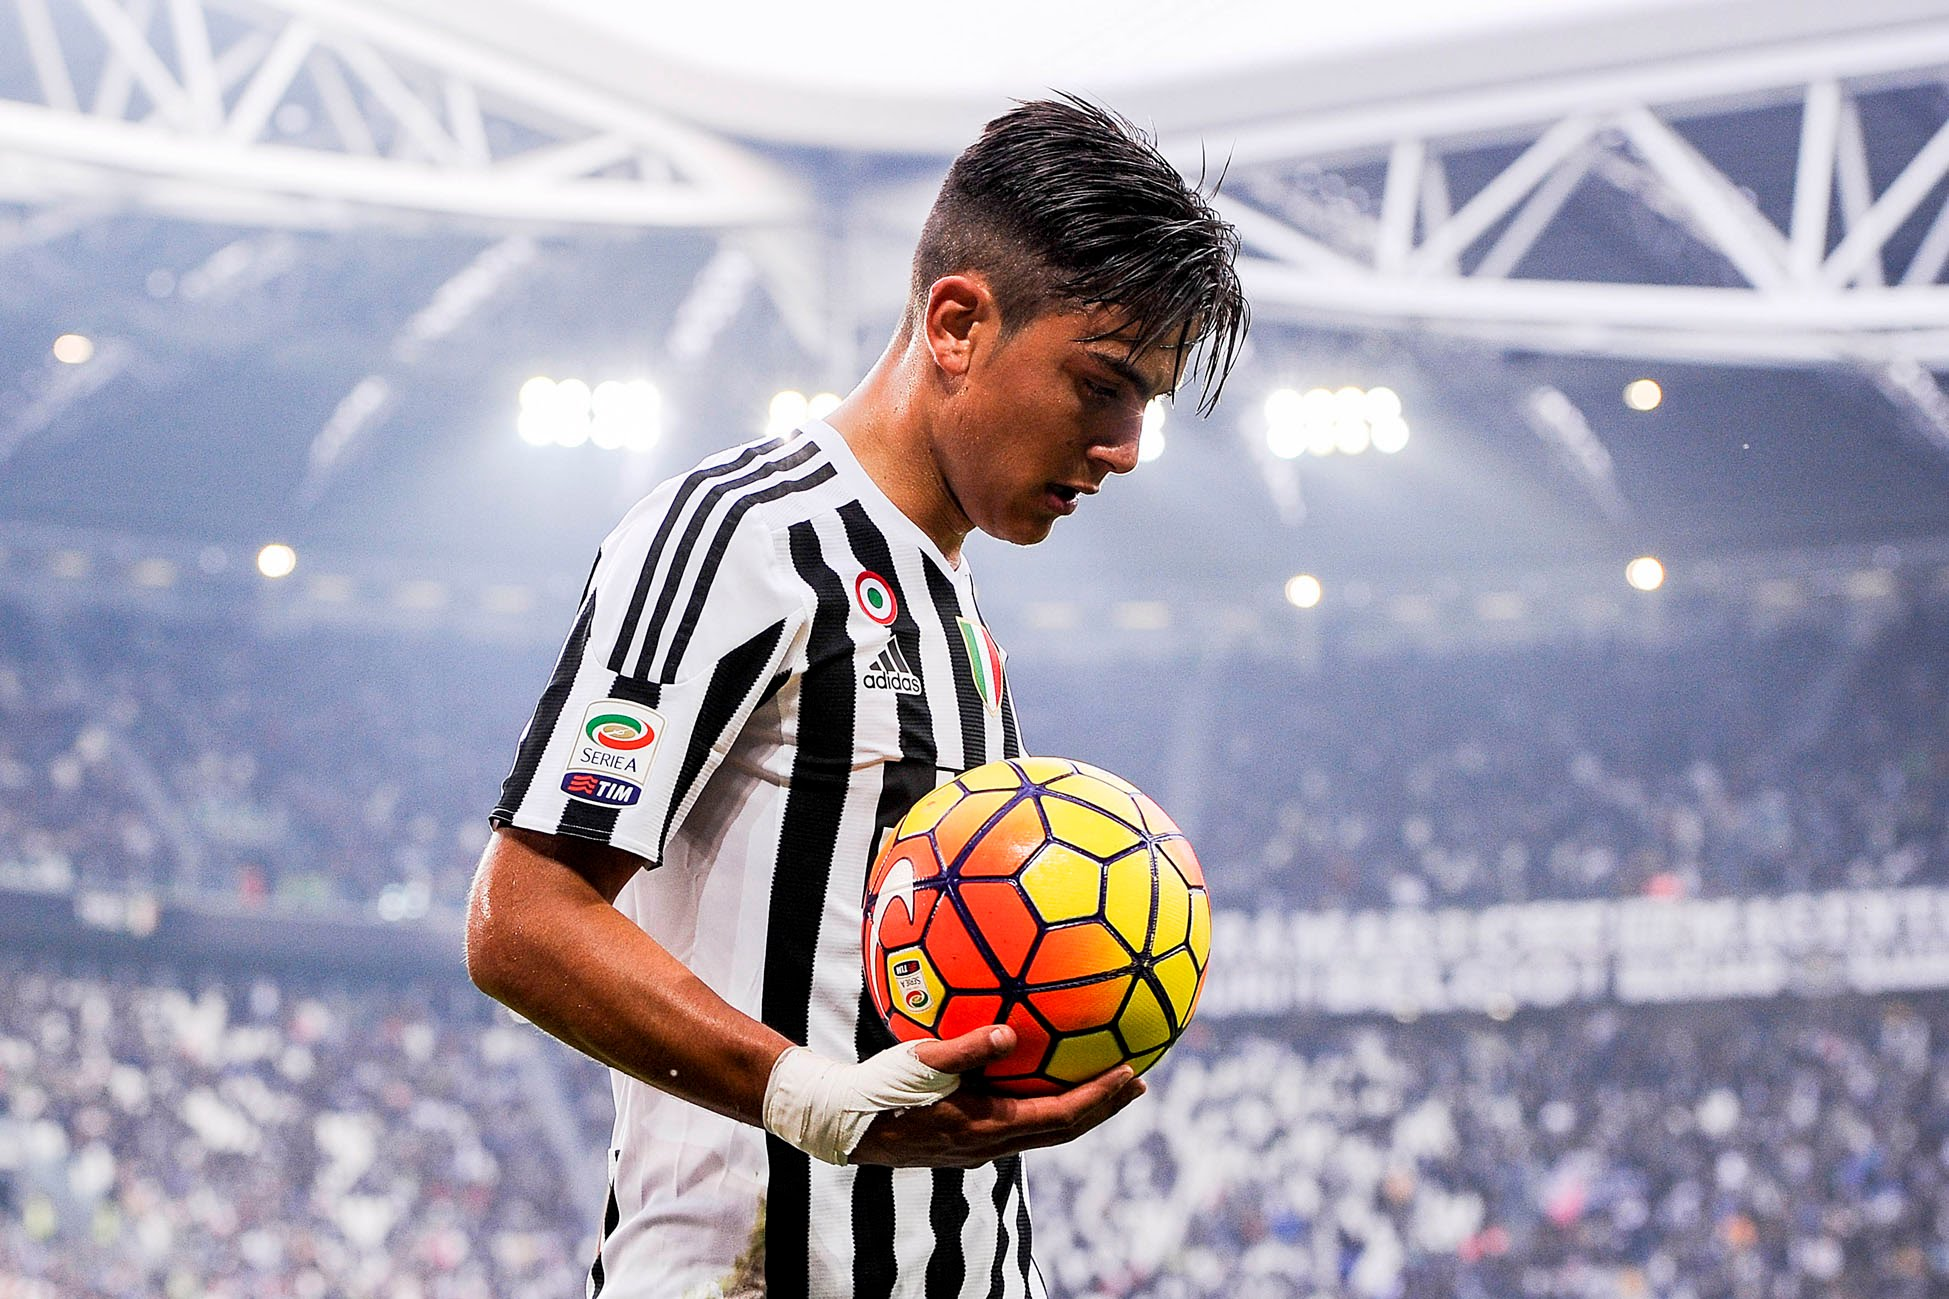 Mercato - Le PSG mêlé aux problèmes de Dybala avec la Juventus Turin dans une rumeur folle